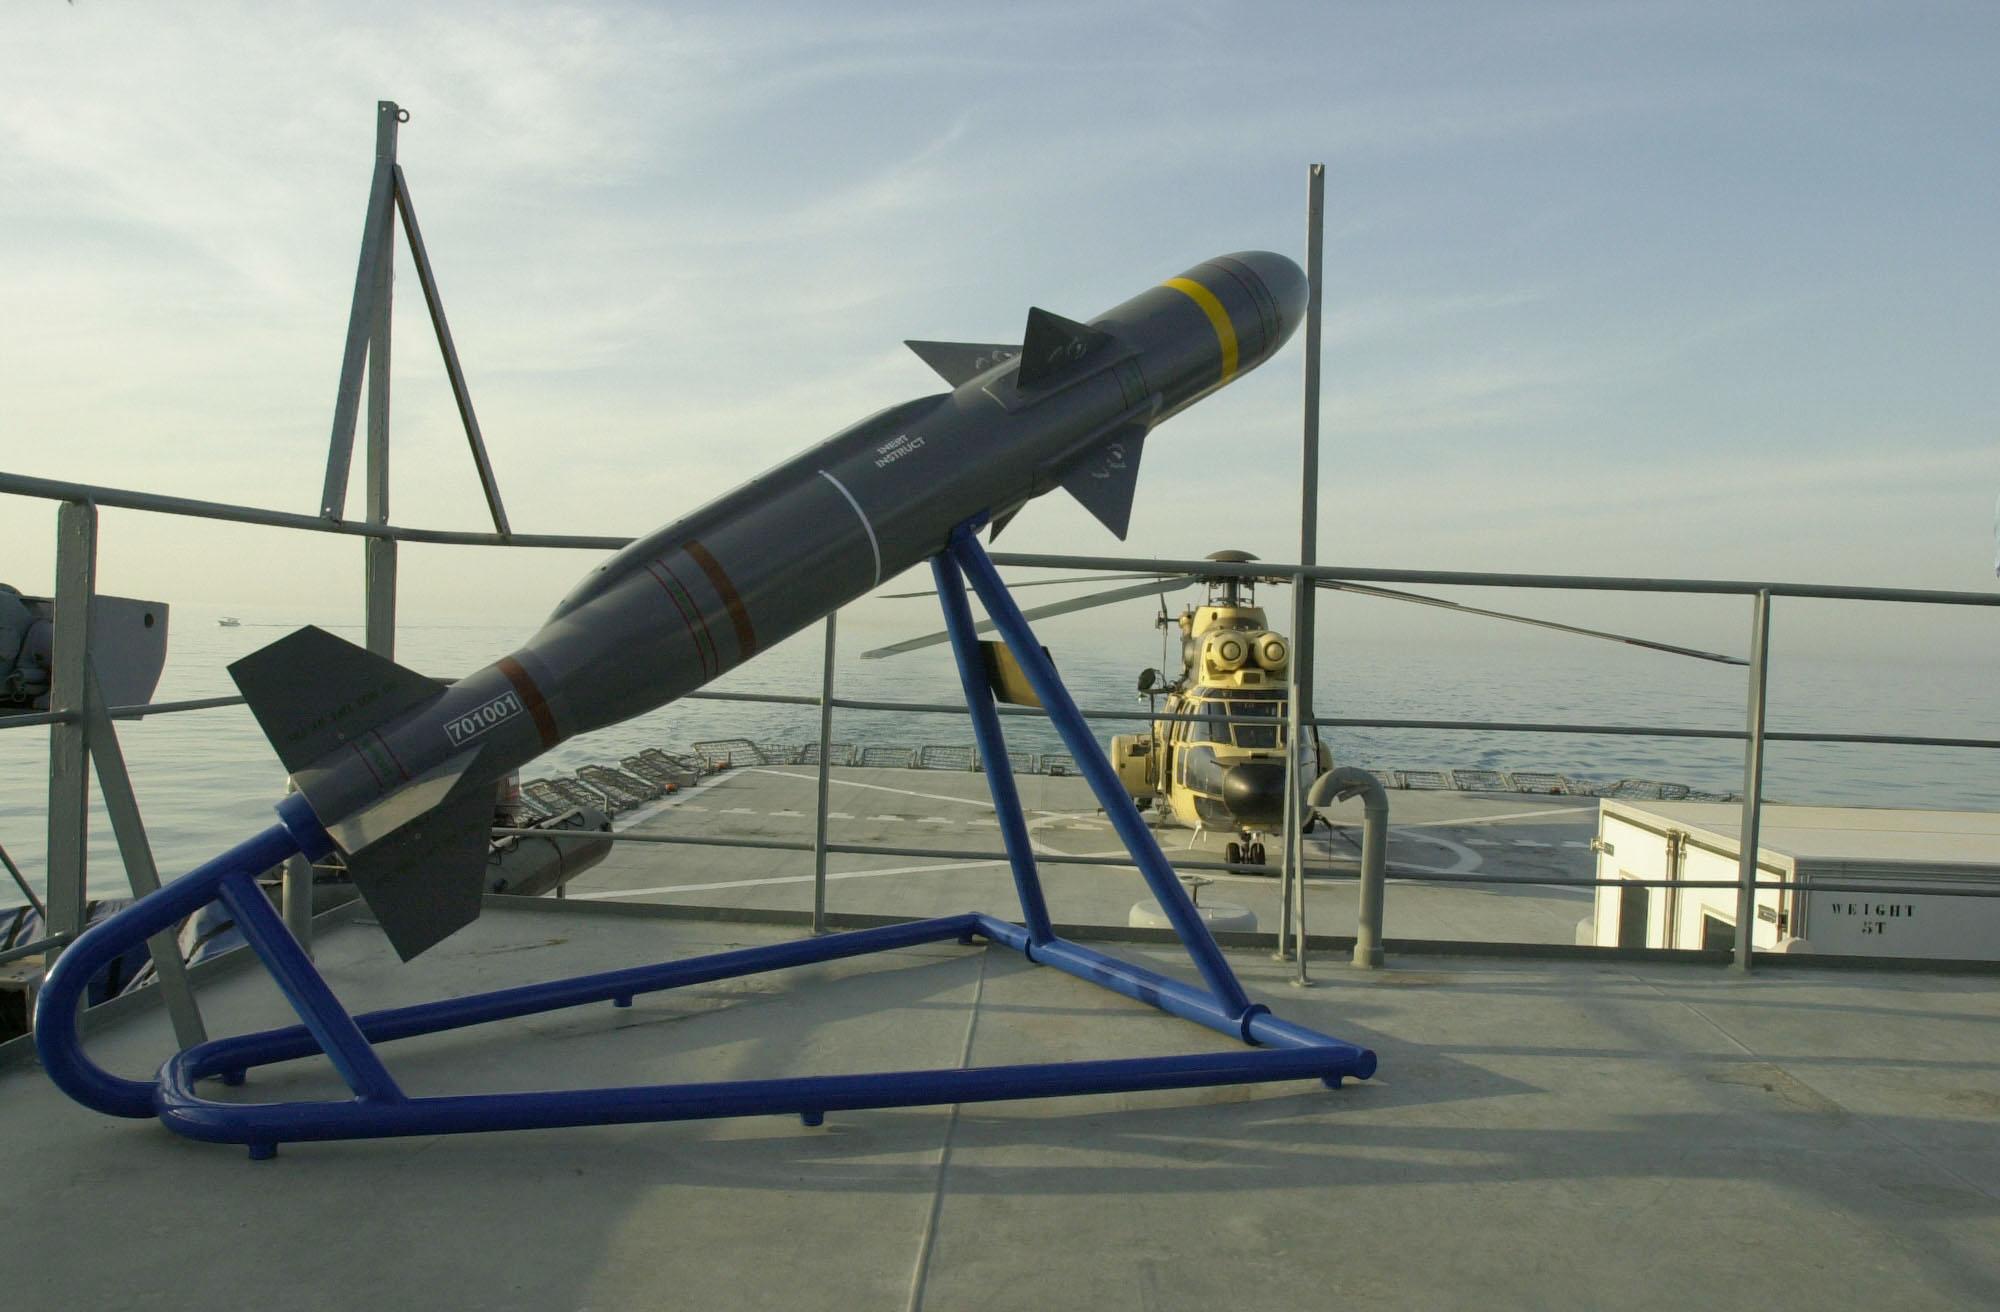 BAe Dynamics Sea Skua -meritorjuntaohjuksen koulutusmalli kuwaitilaisen P 5509 KNS Al-Dorrar -aluksen kannella harjoituksen aikana 2002.